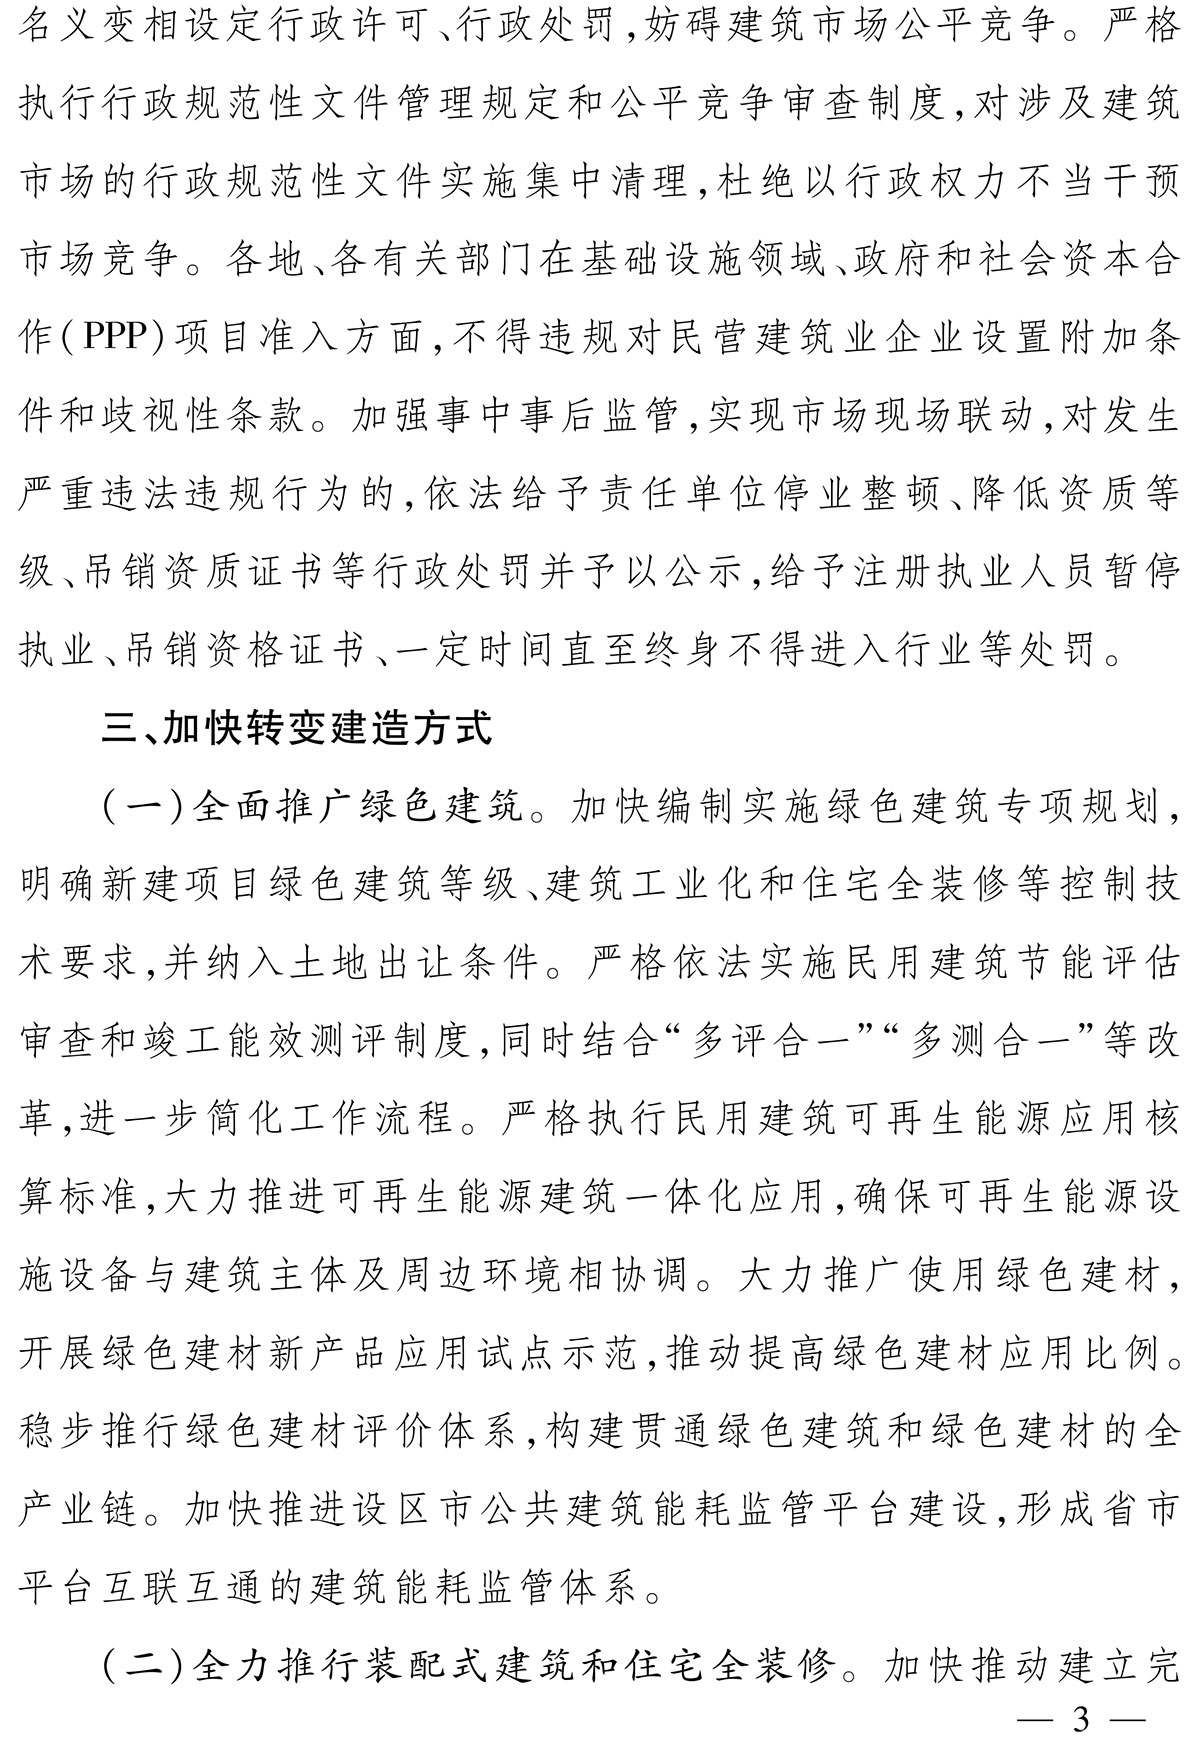 浙江省人民政府办公厅关于加快建筑业改革与发展的实施意见-3.jpg